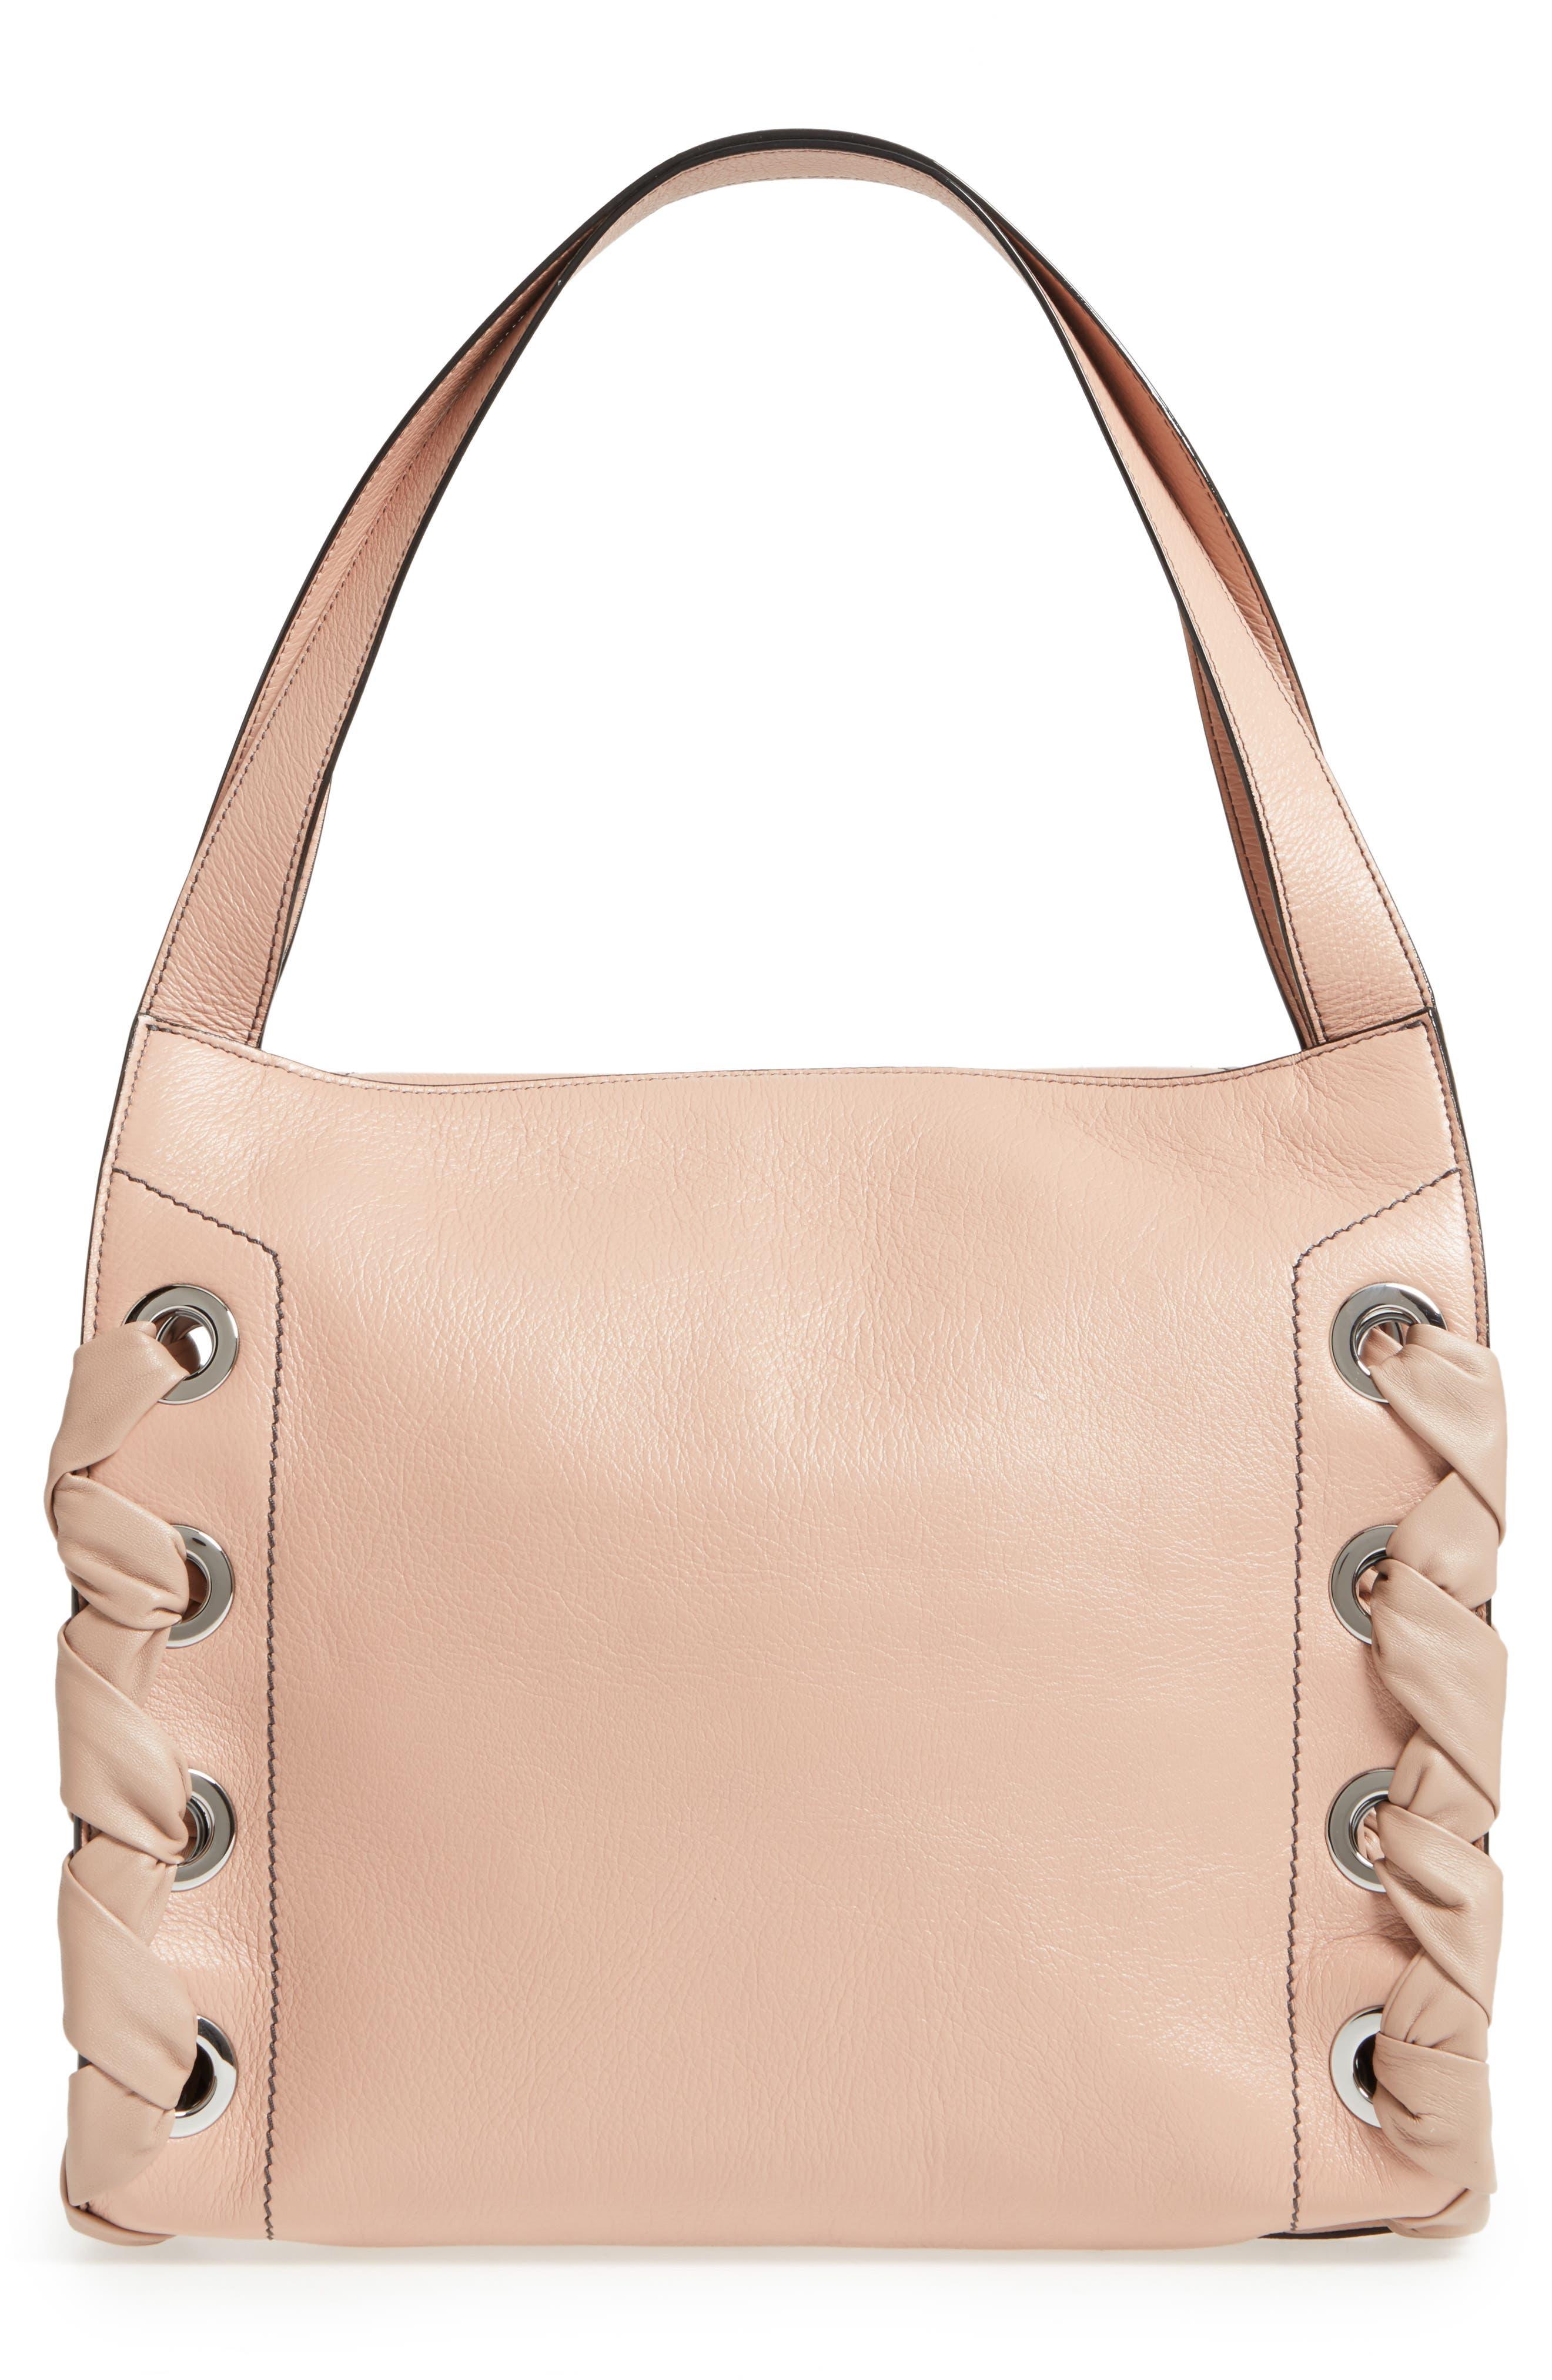 Rebel Leather Shoulder Bag,                             Alternate thumbnail 3, color,                             Ballet Pink